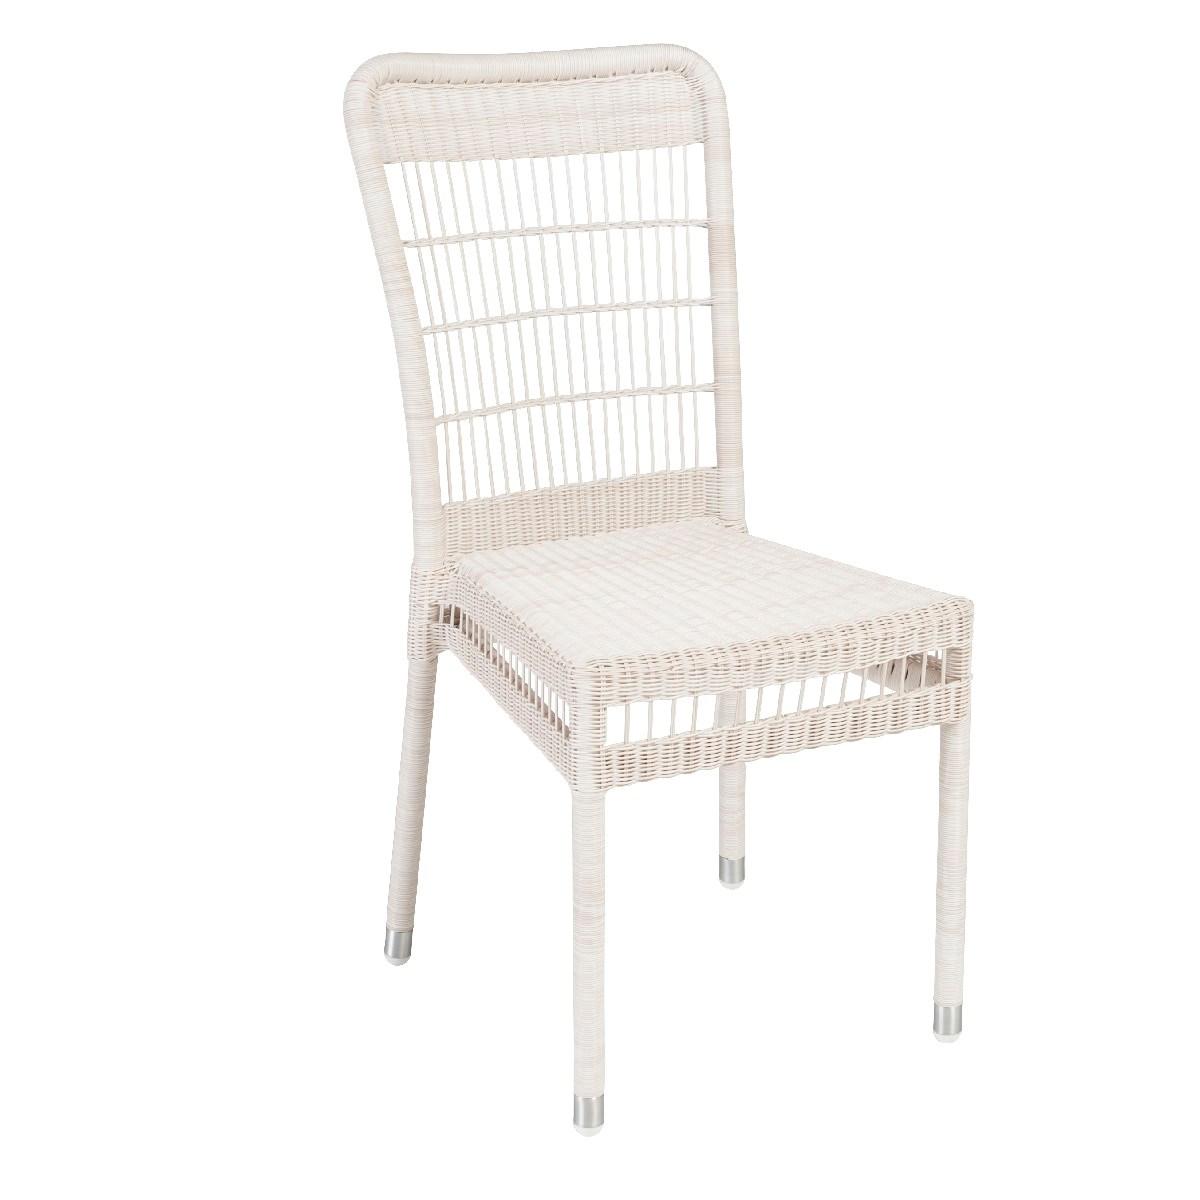 Chaise de jardin en résine blanc cassé